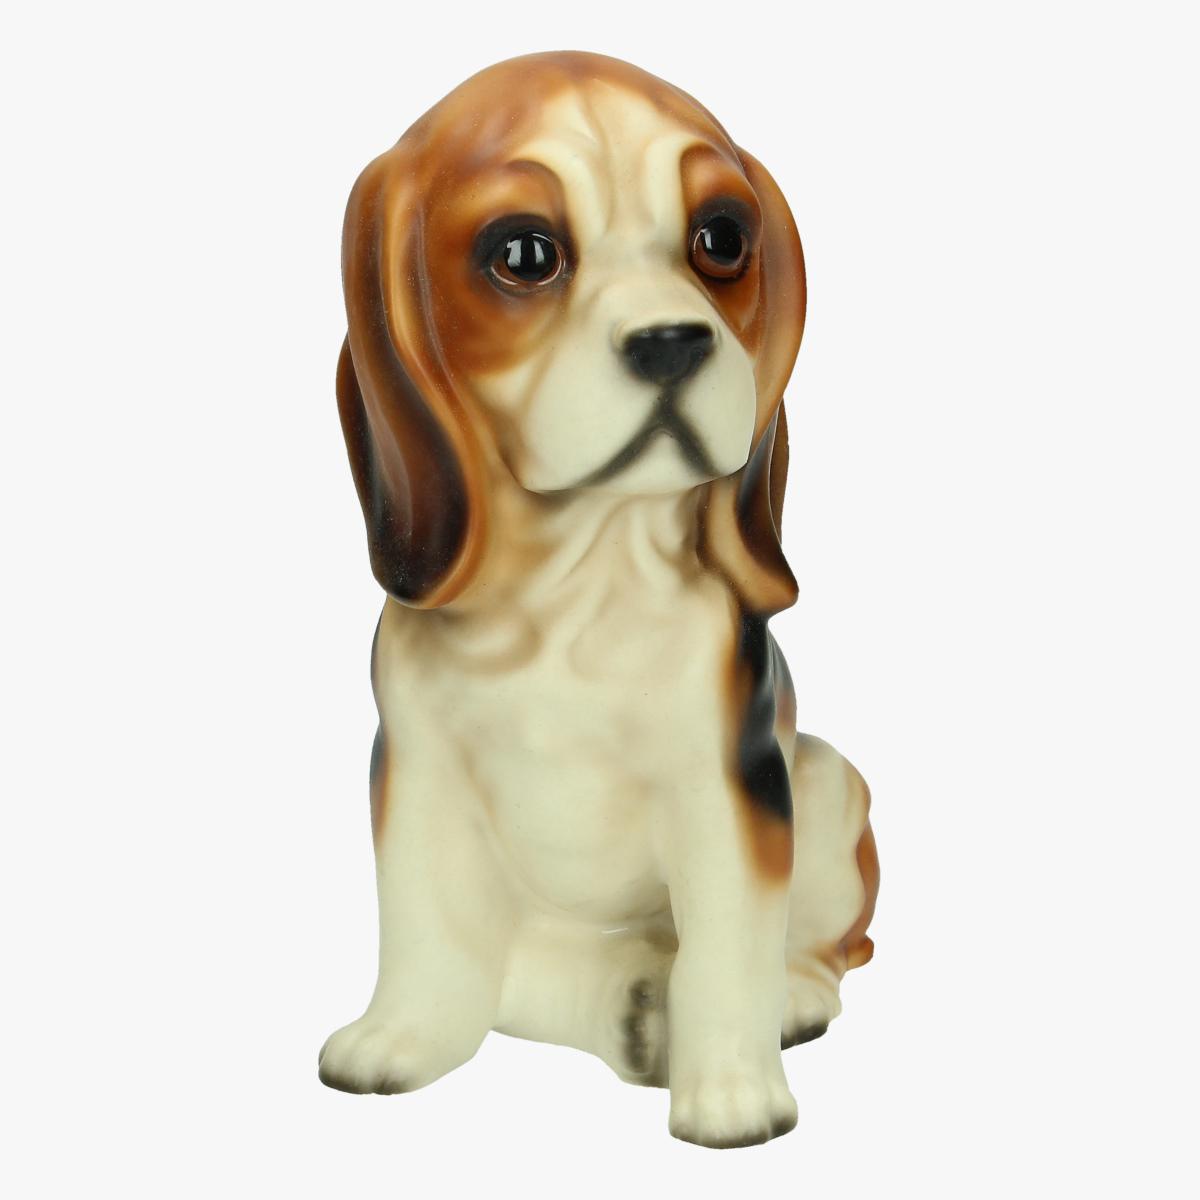 Afbeeldingen van spaarpot hondje